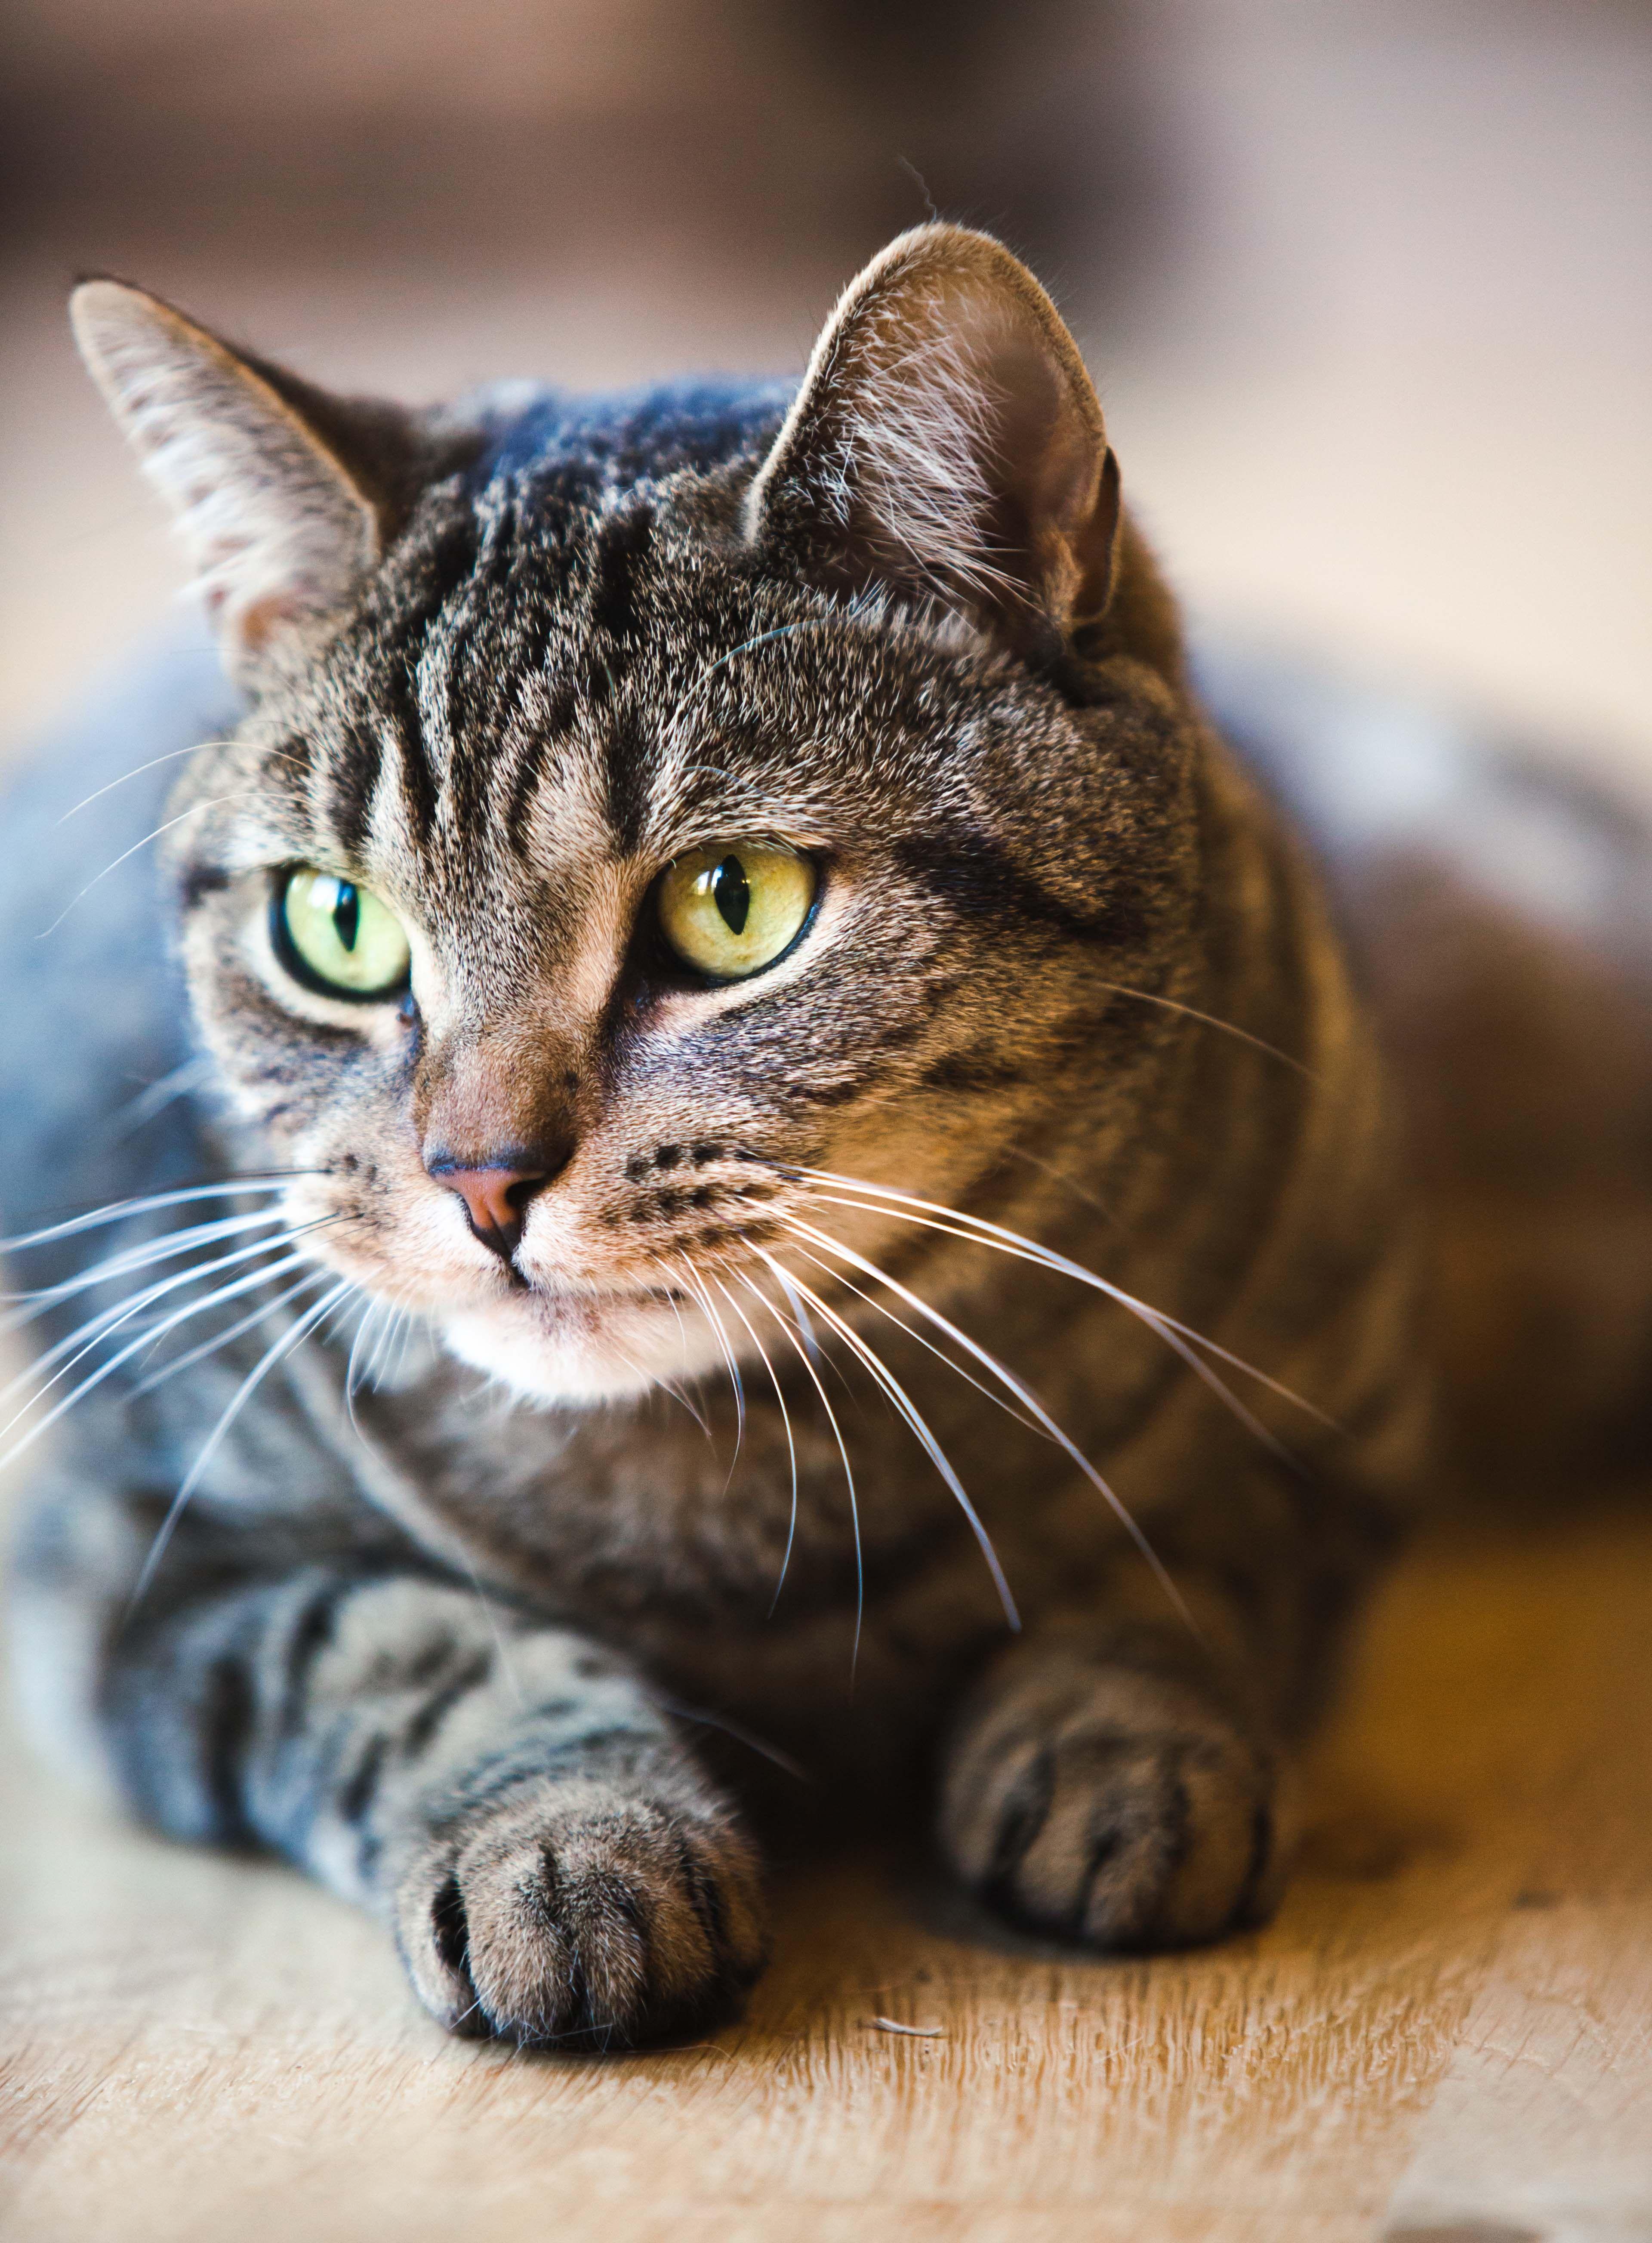 Dark Gray Tabby Grey Tabby Cats Cats And Kittens Cute Cats